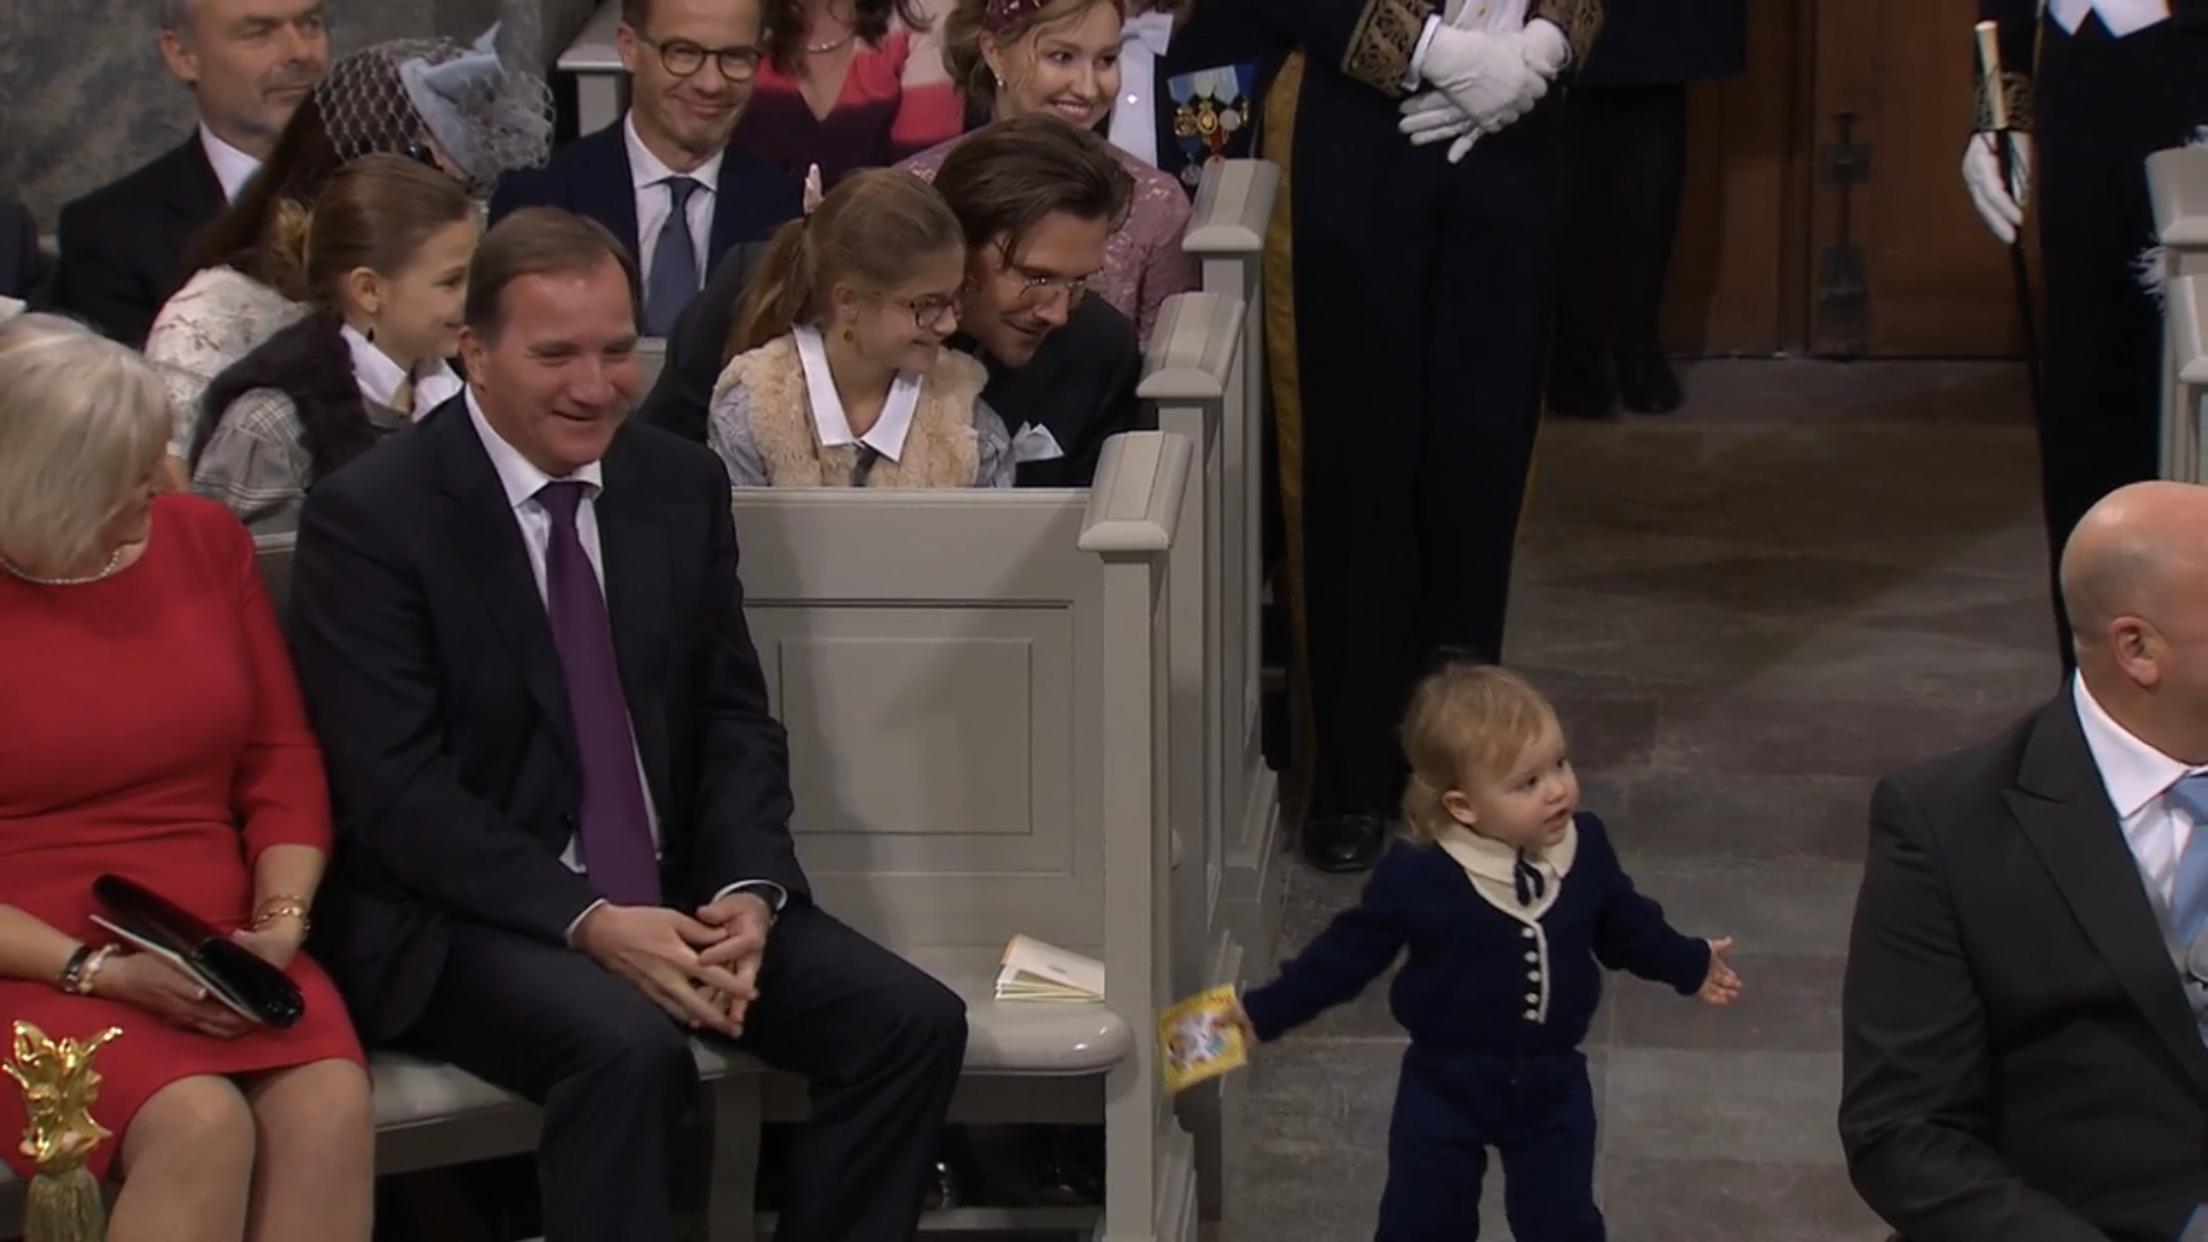 Mit Kinderbuch in der Hand flitzte Alexander durch die Reihen und amüsierte die Gäste   Foto: Screenshot Live-Übertragung